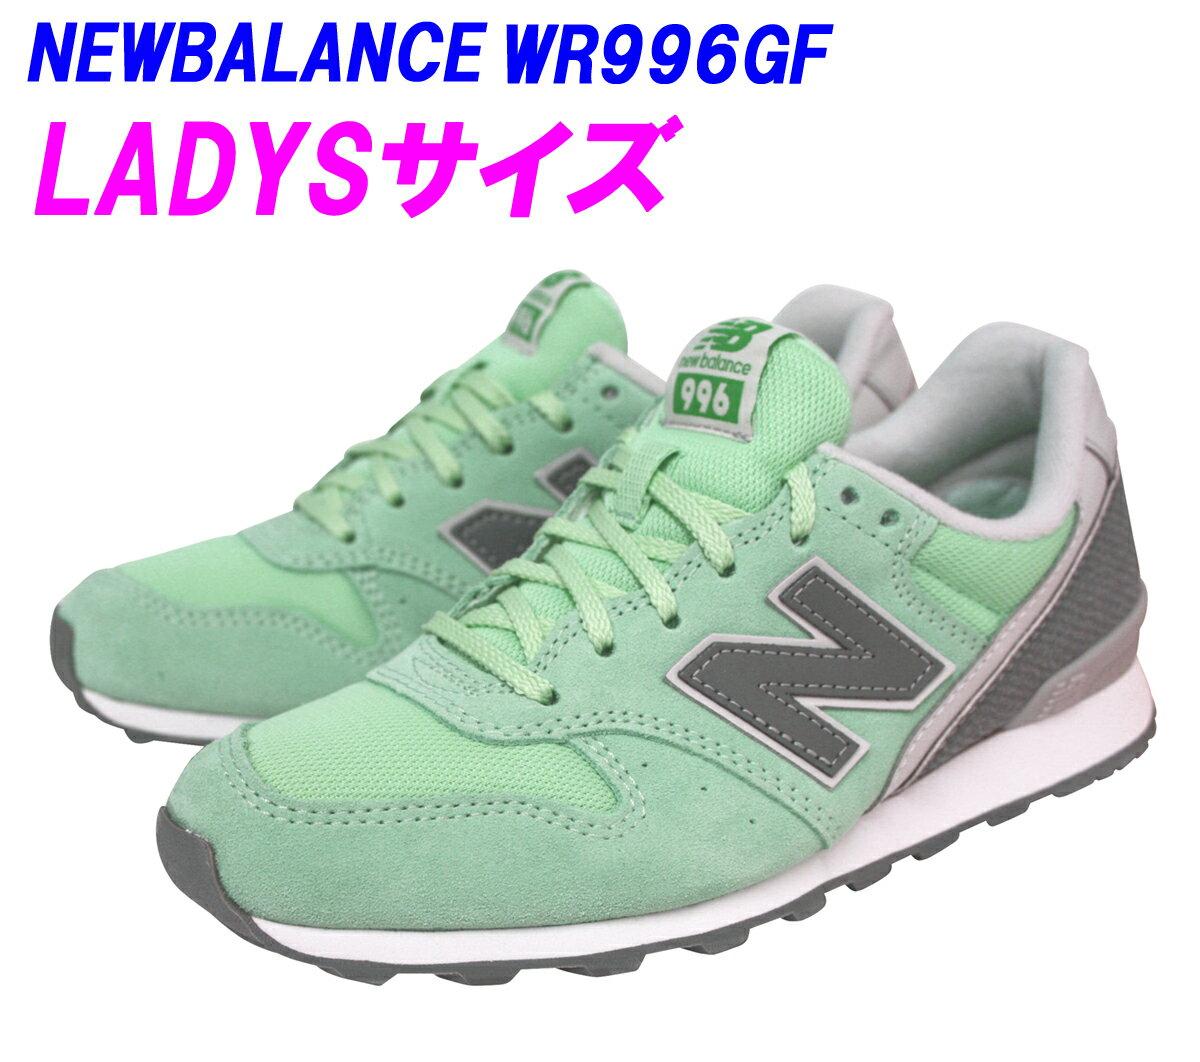 メンズ靴, スニーカー NEW BALANCEnew balanceWR996GF D